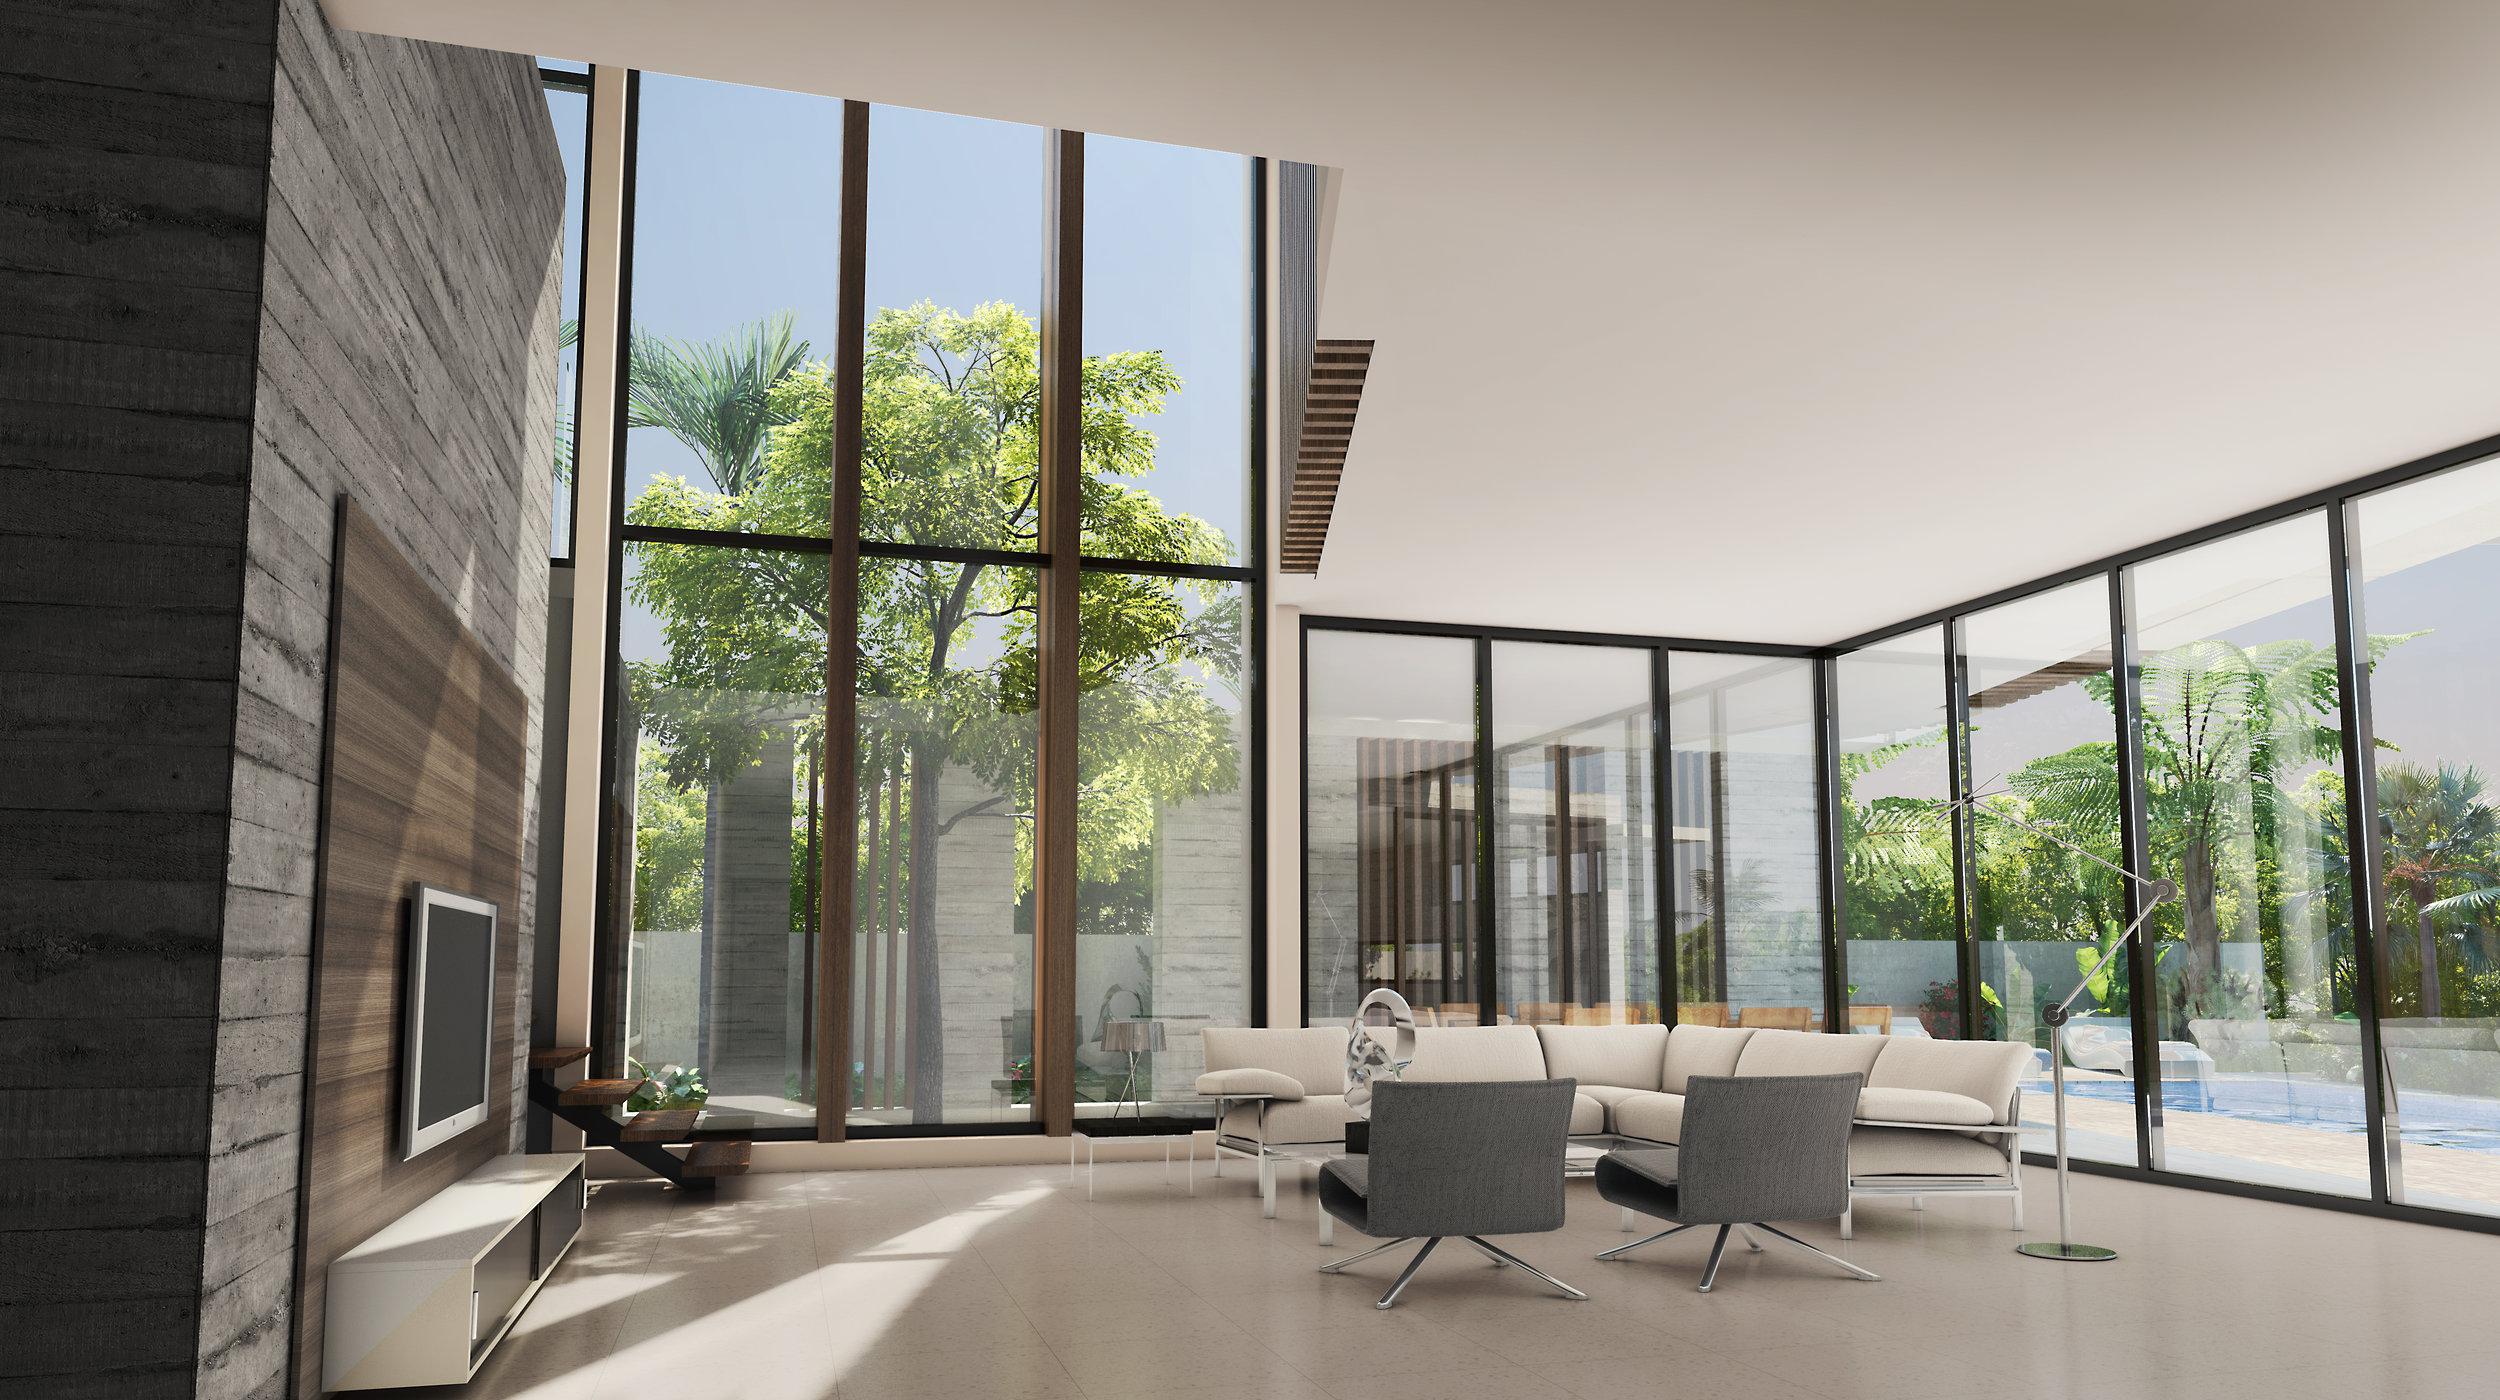 garden house interior.jpg